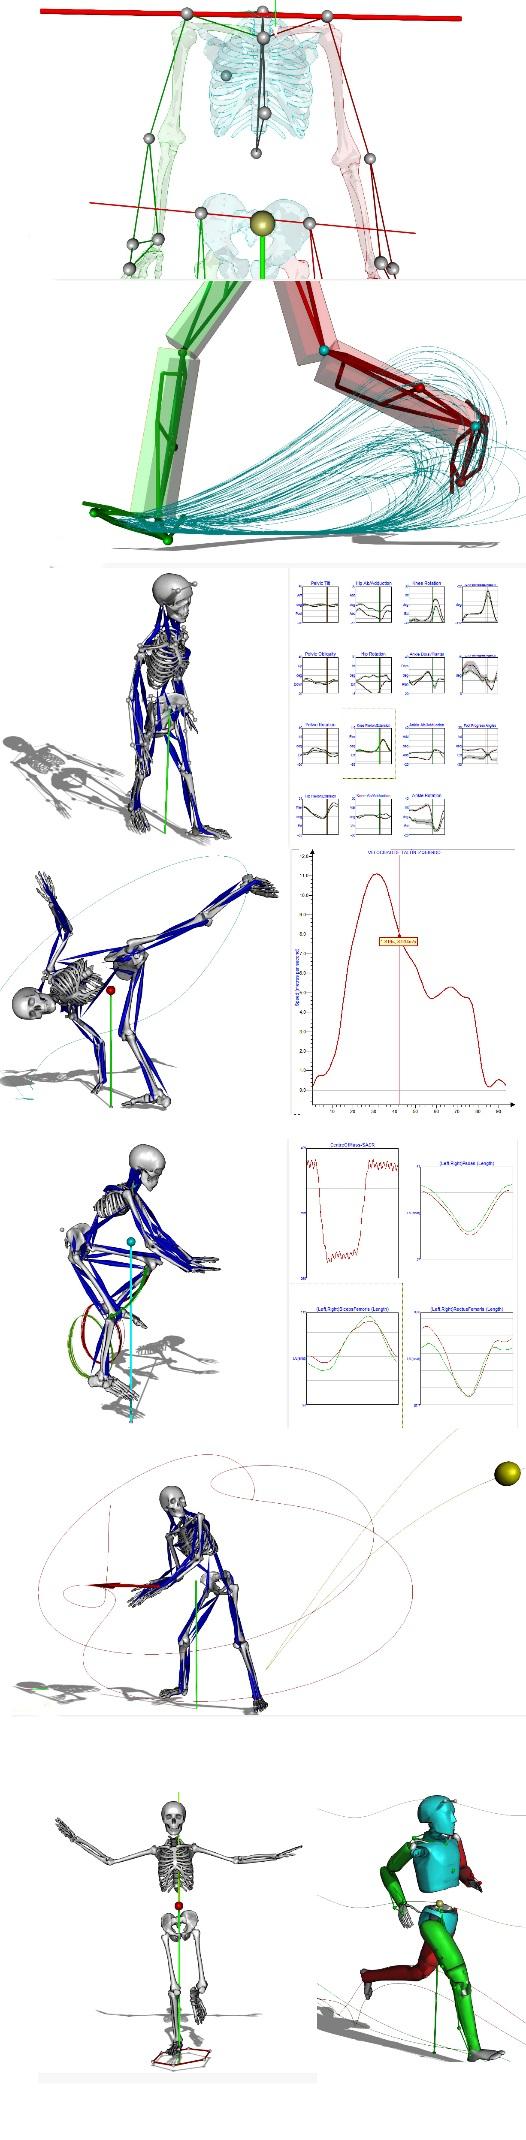 Análisis mediante el Sistema VICON: última tecnología en análisis biomecánico 3D, nuevo servicio al ICP